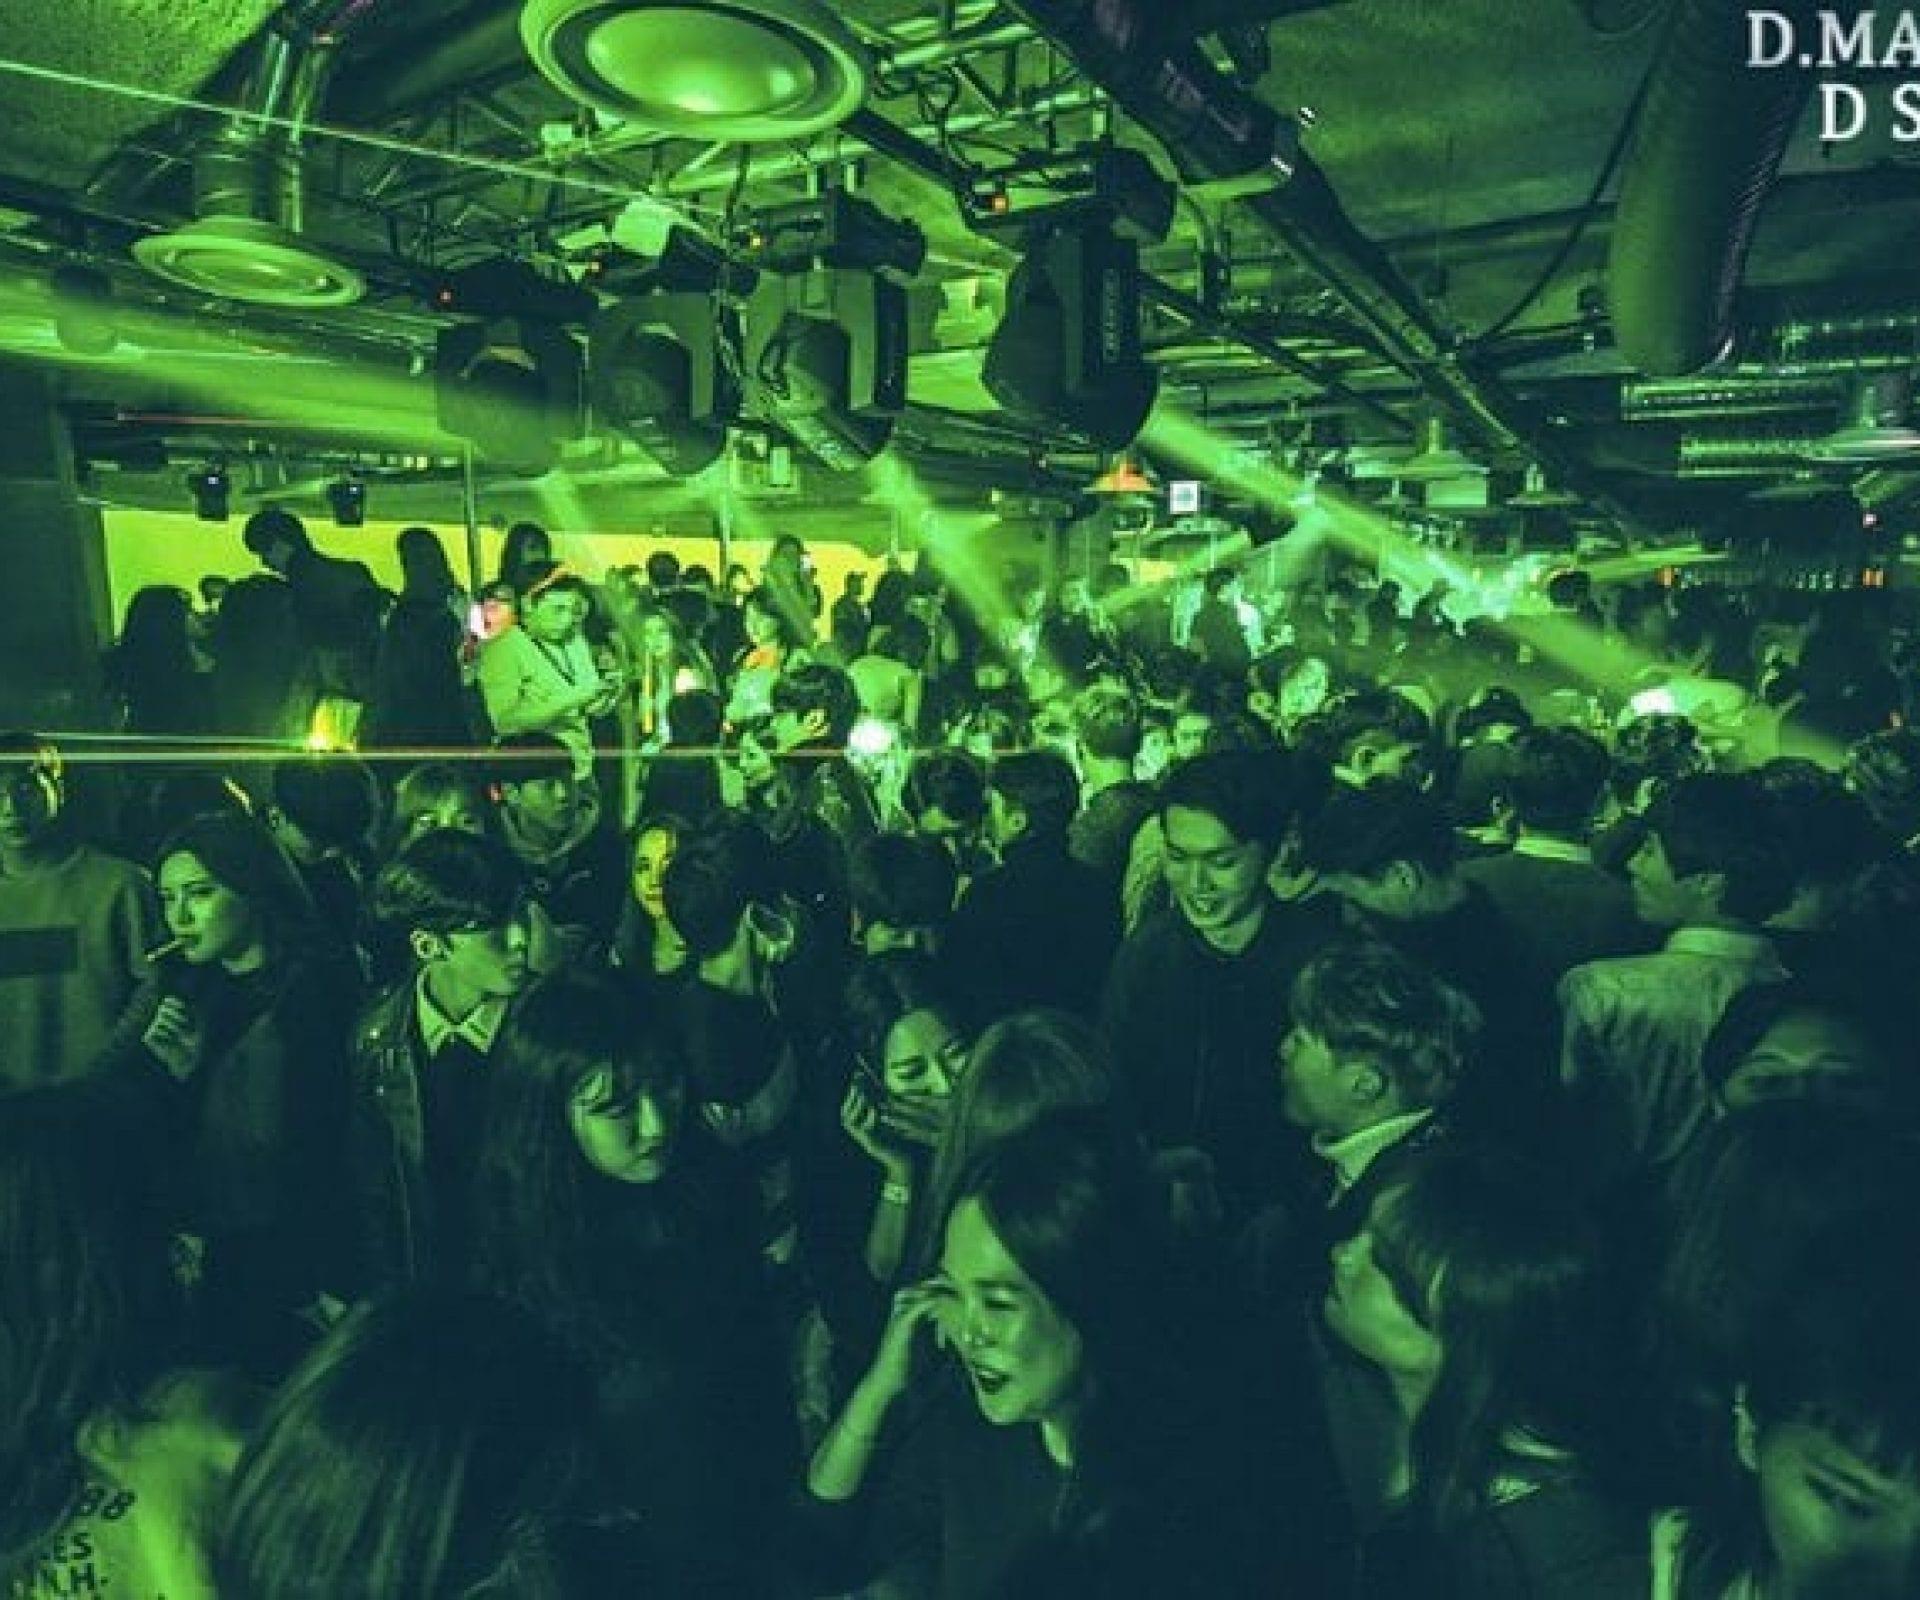 Club DStar Seoul | Gangnam-gu, Seoul